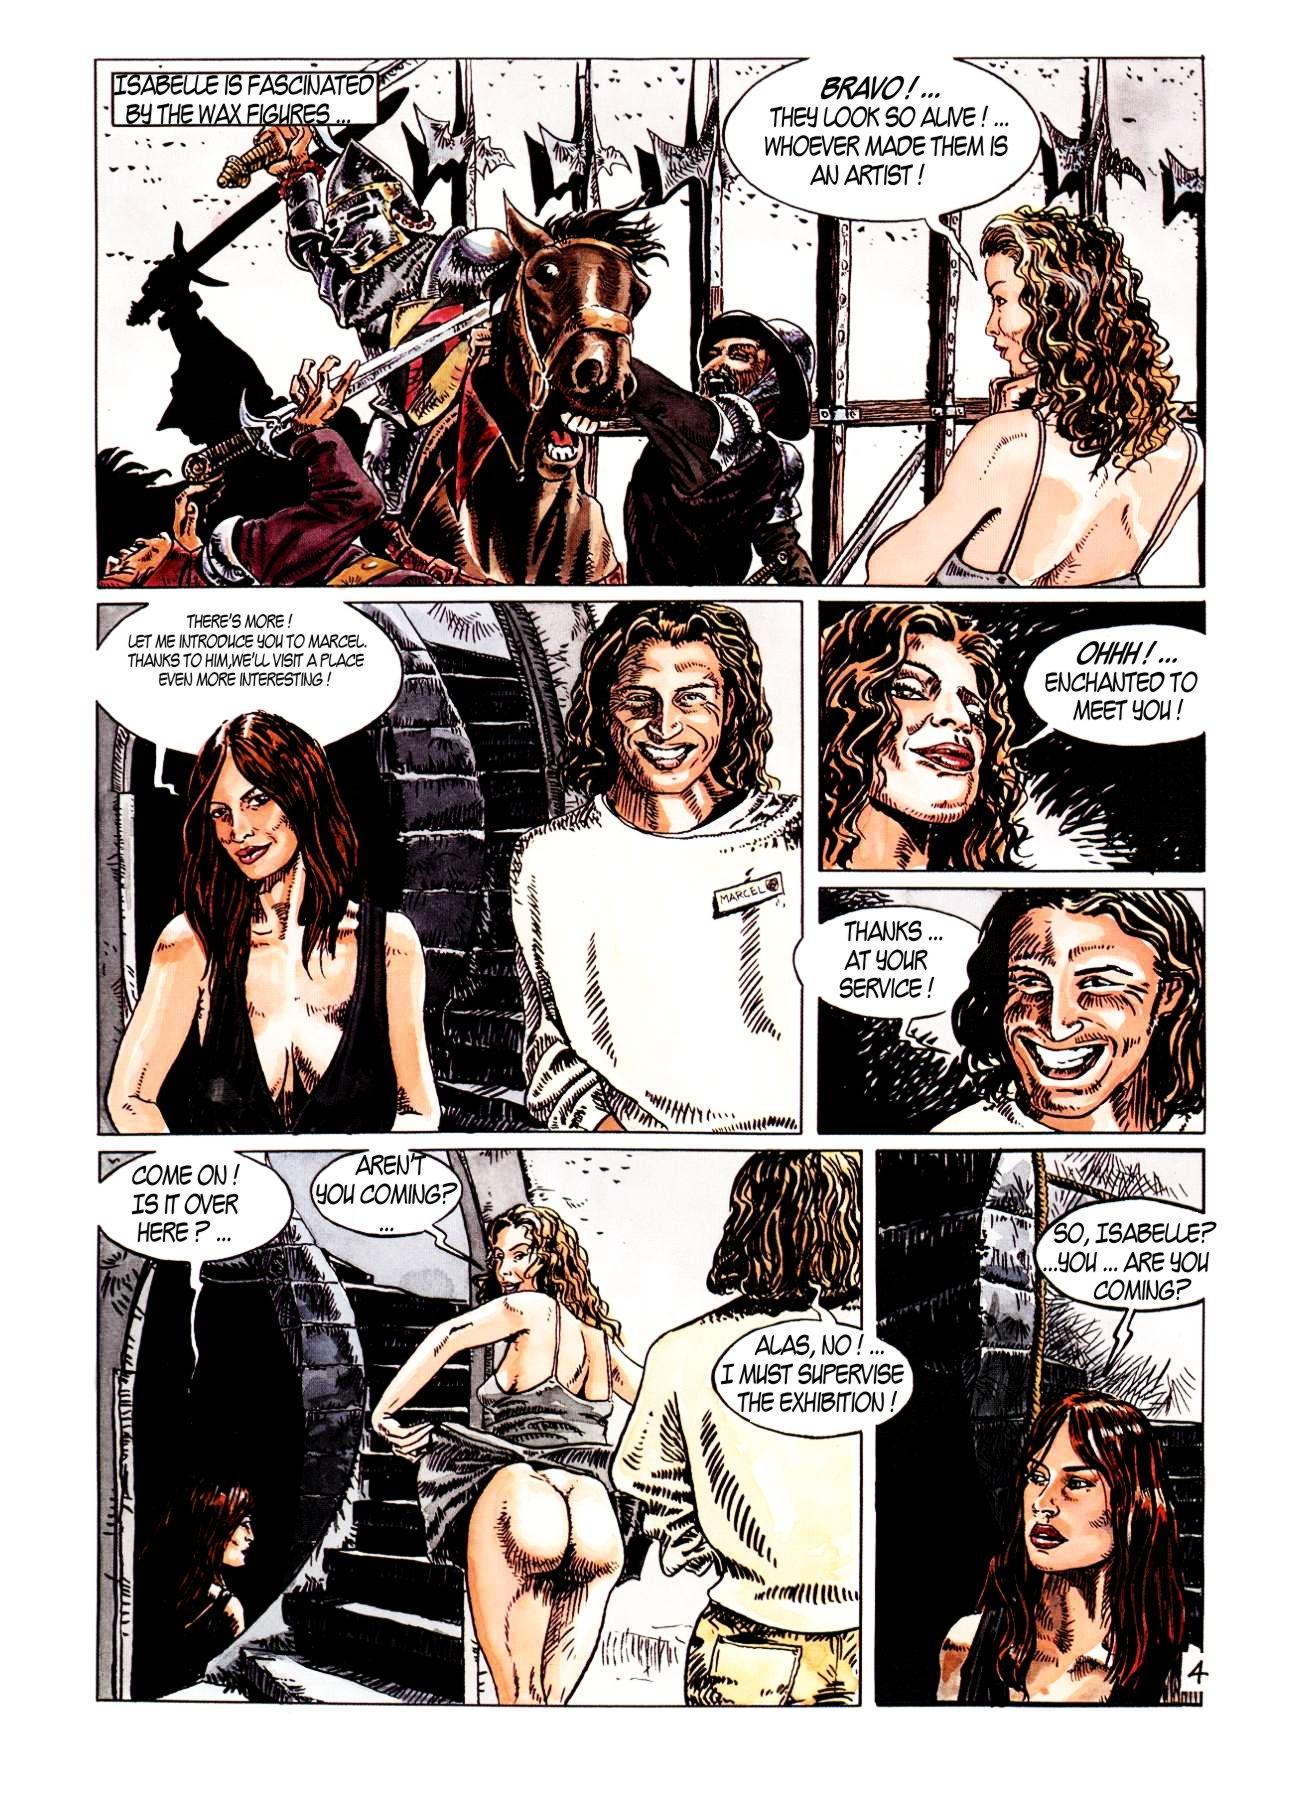 Porn comics story